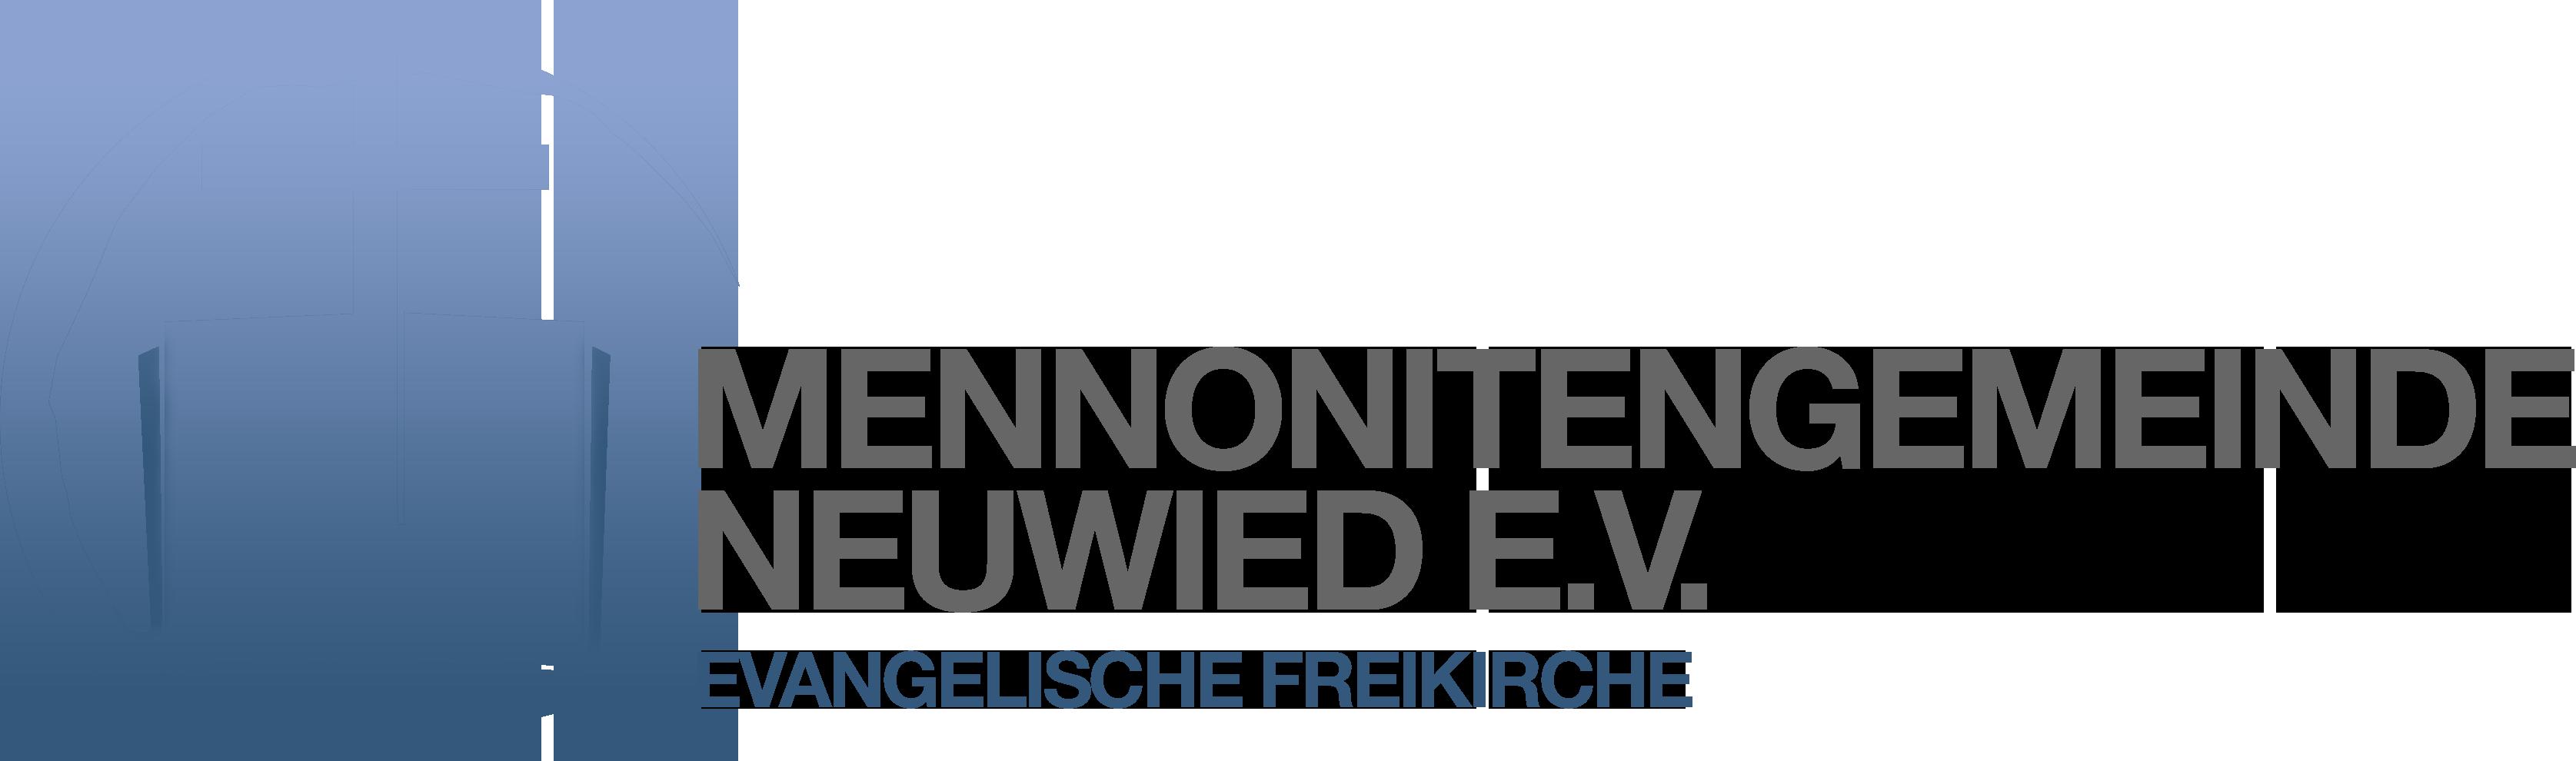 Mennonitengemeinde Neuwied